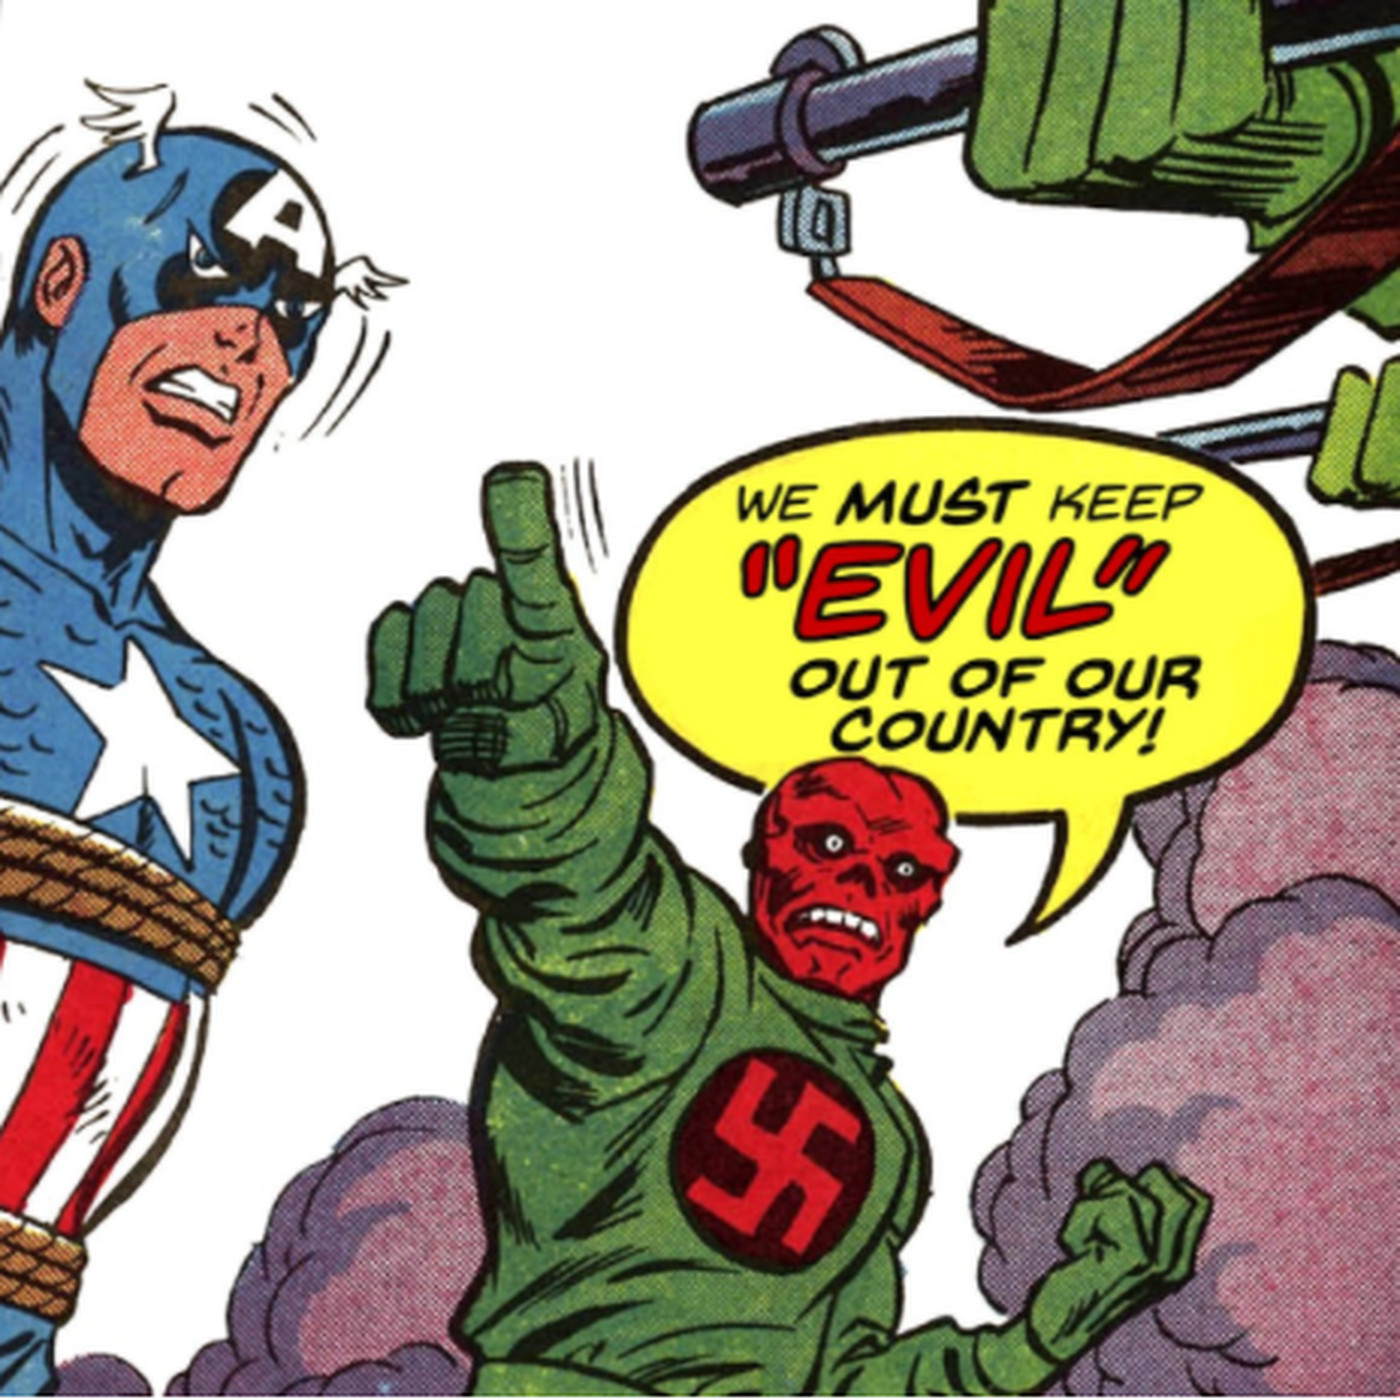 Comic villains clip art set Personal & commercial use | Etsy | Comic  villains, Clip art, Art set